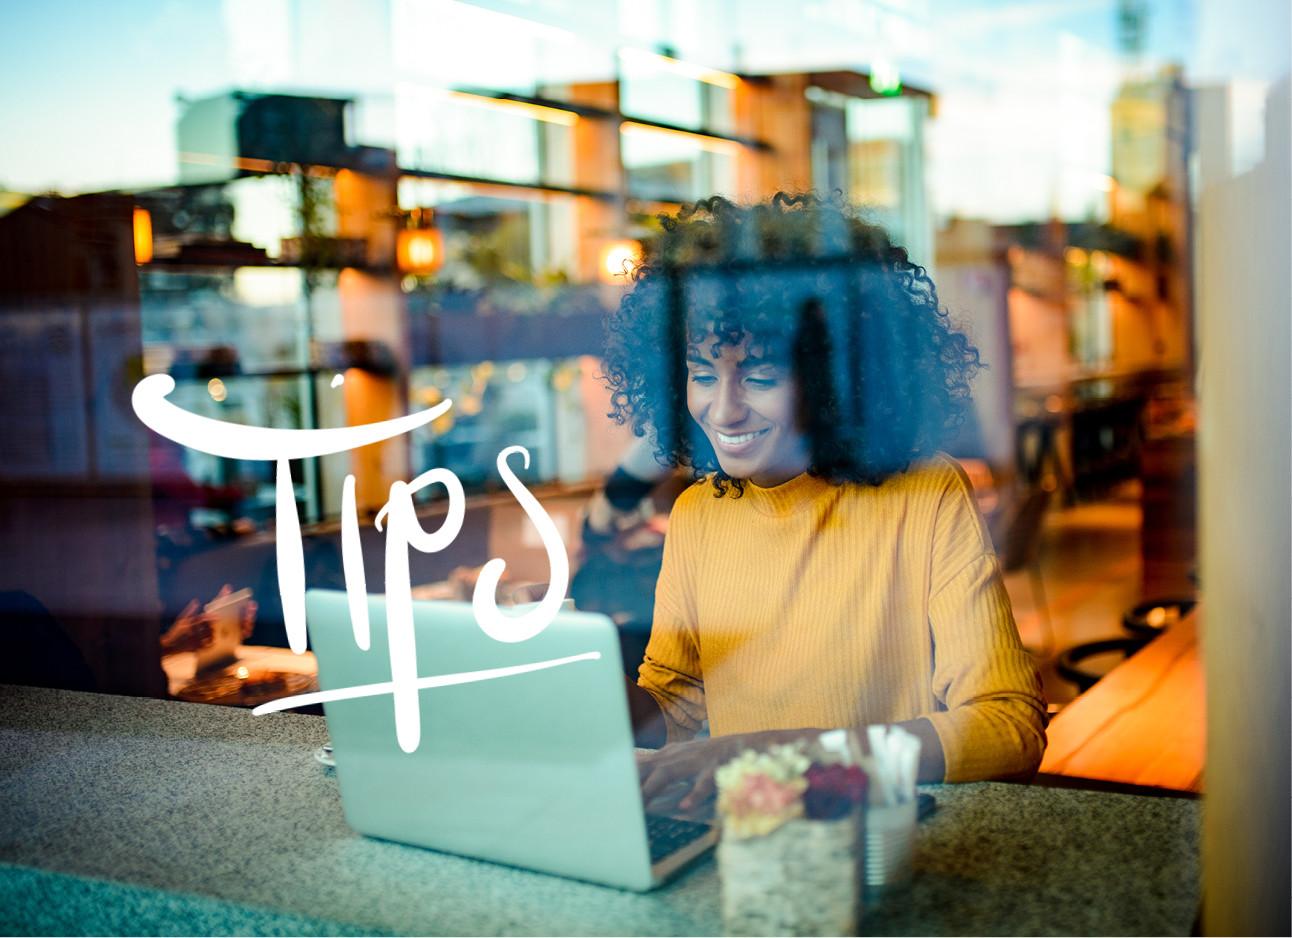 vrouw aan het werk in een cafe